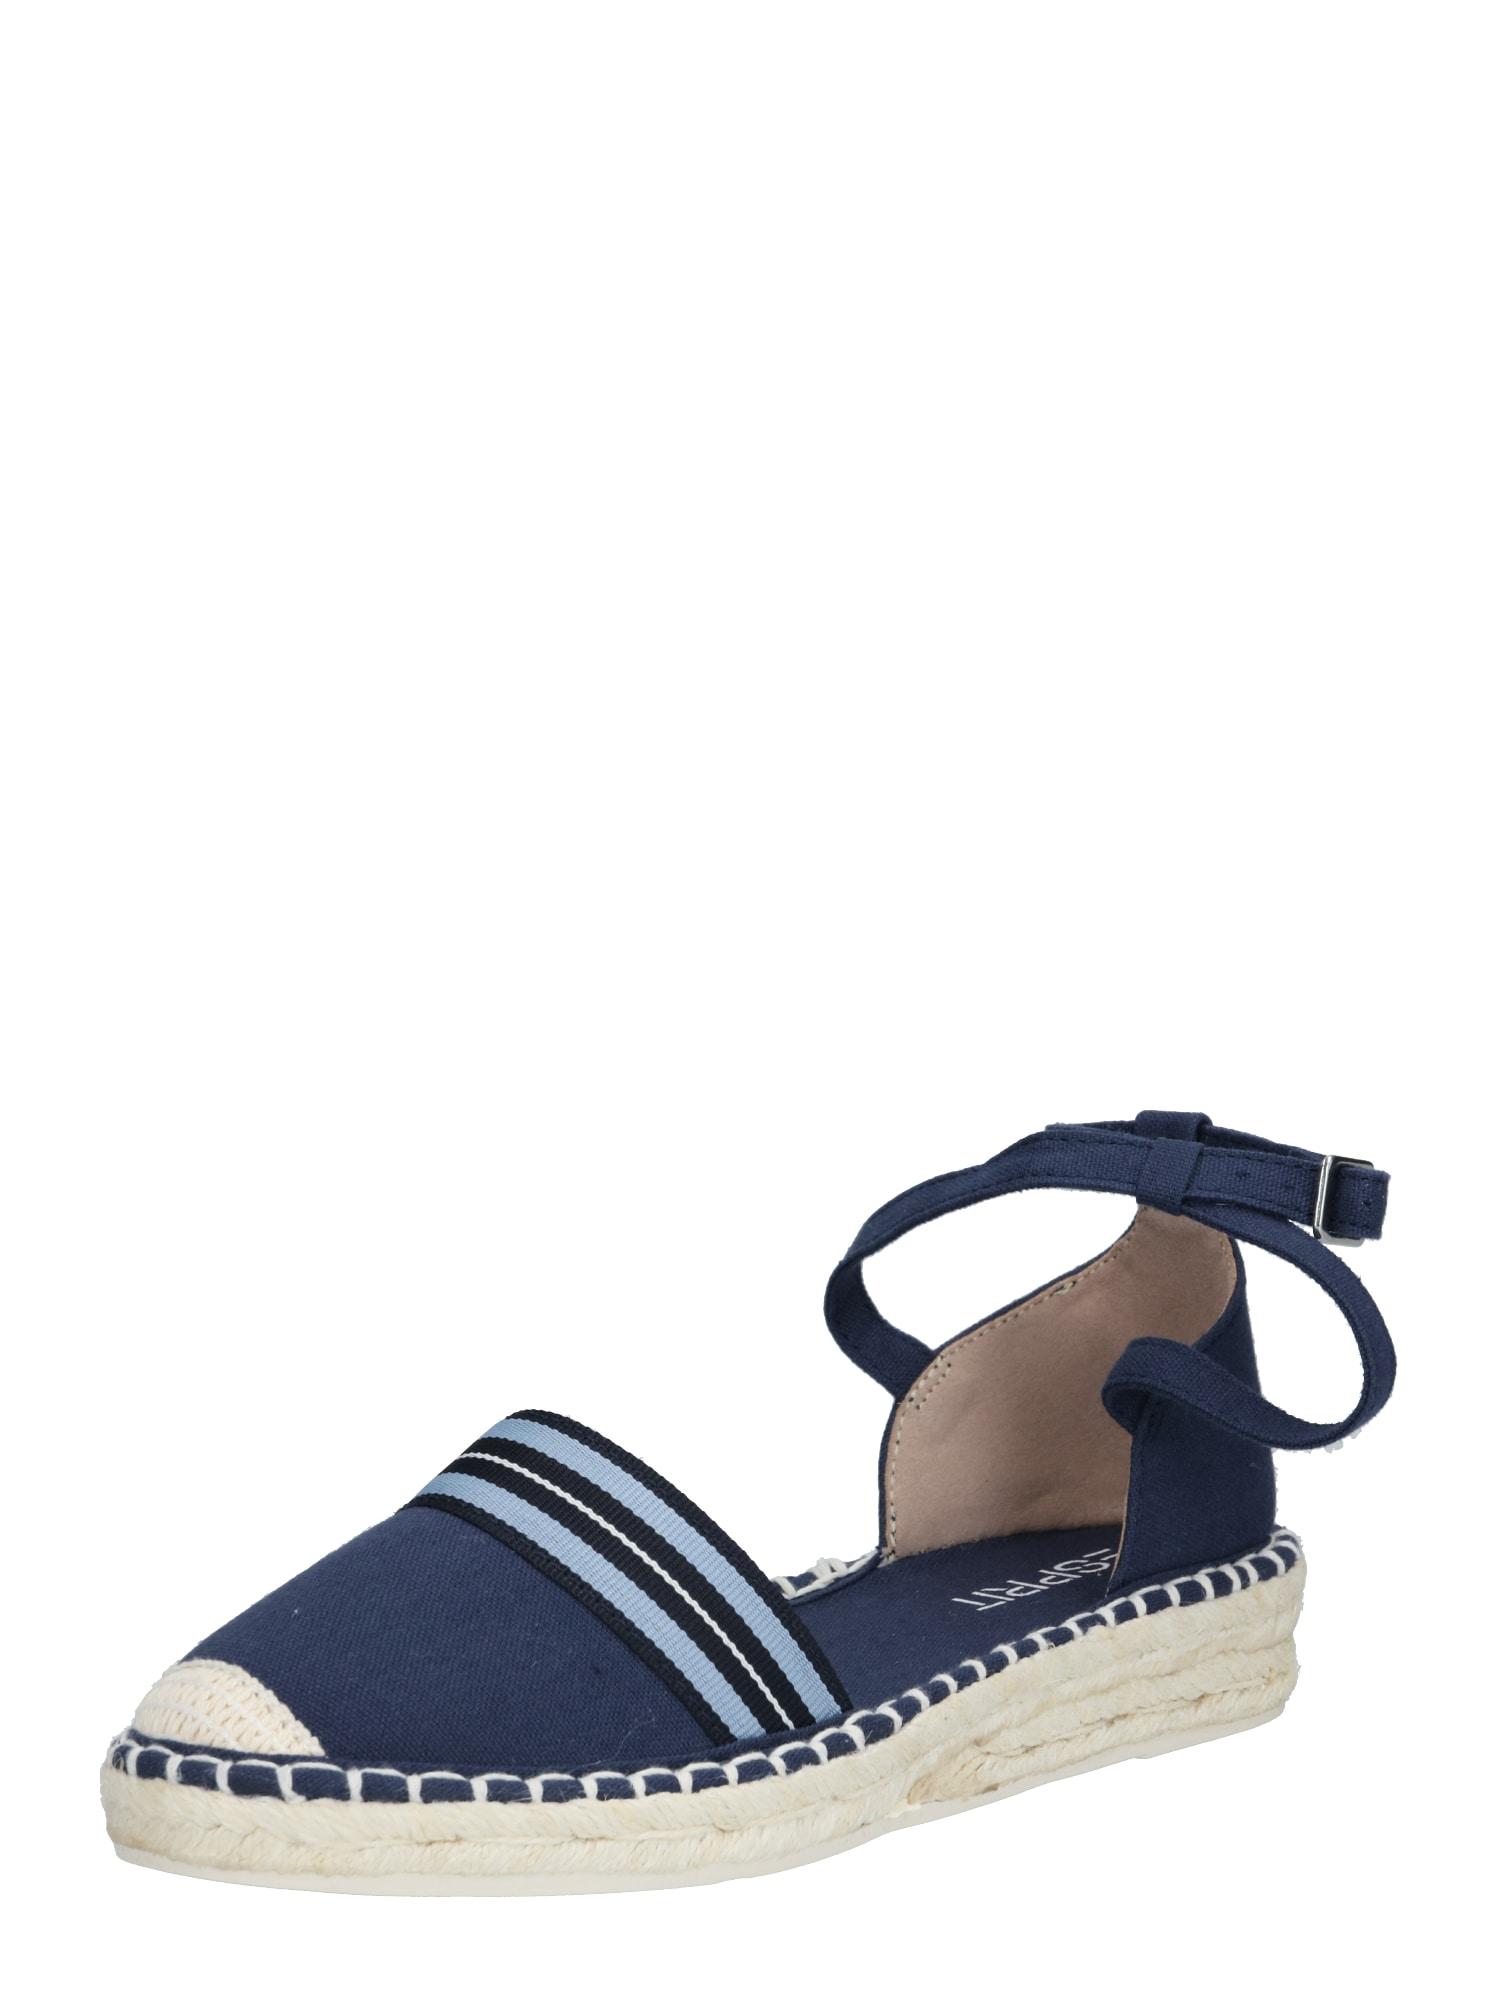 ESPRIT Sandále 'Ines'  biela / námornícka modrá / tmavomodrá